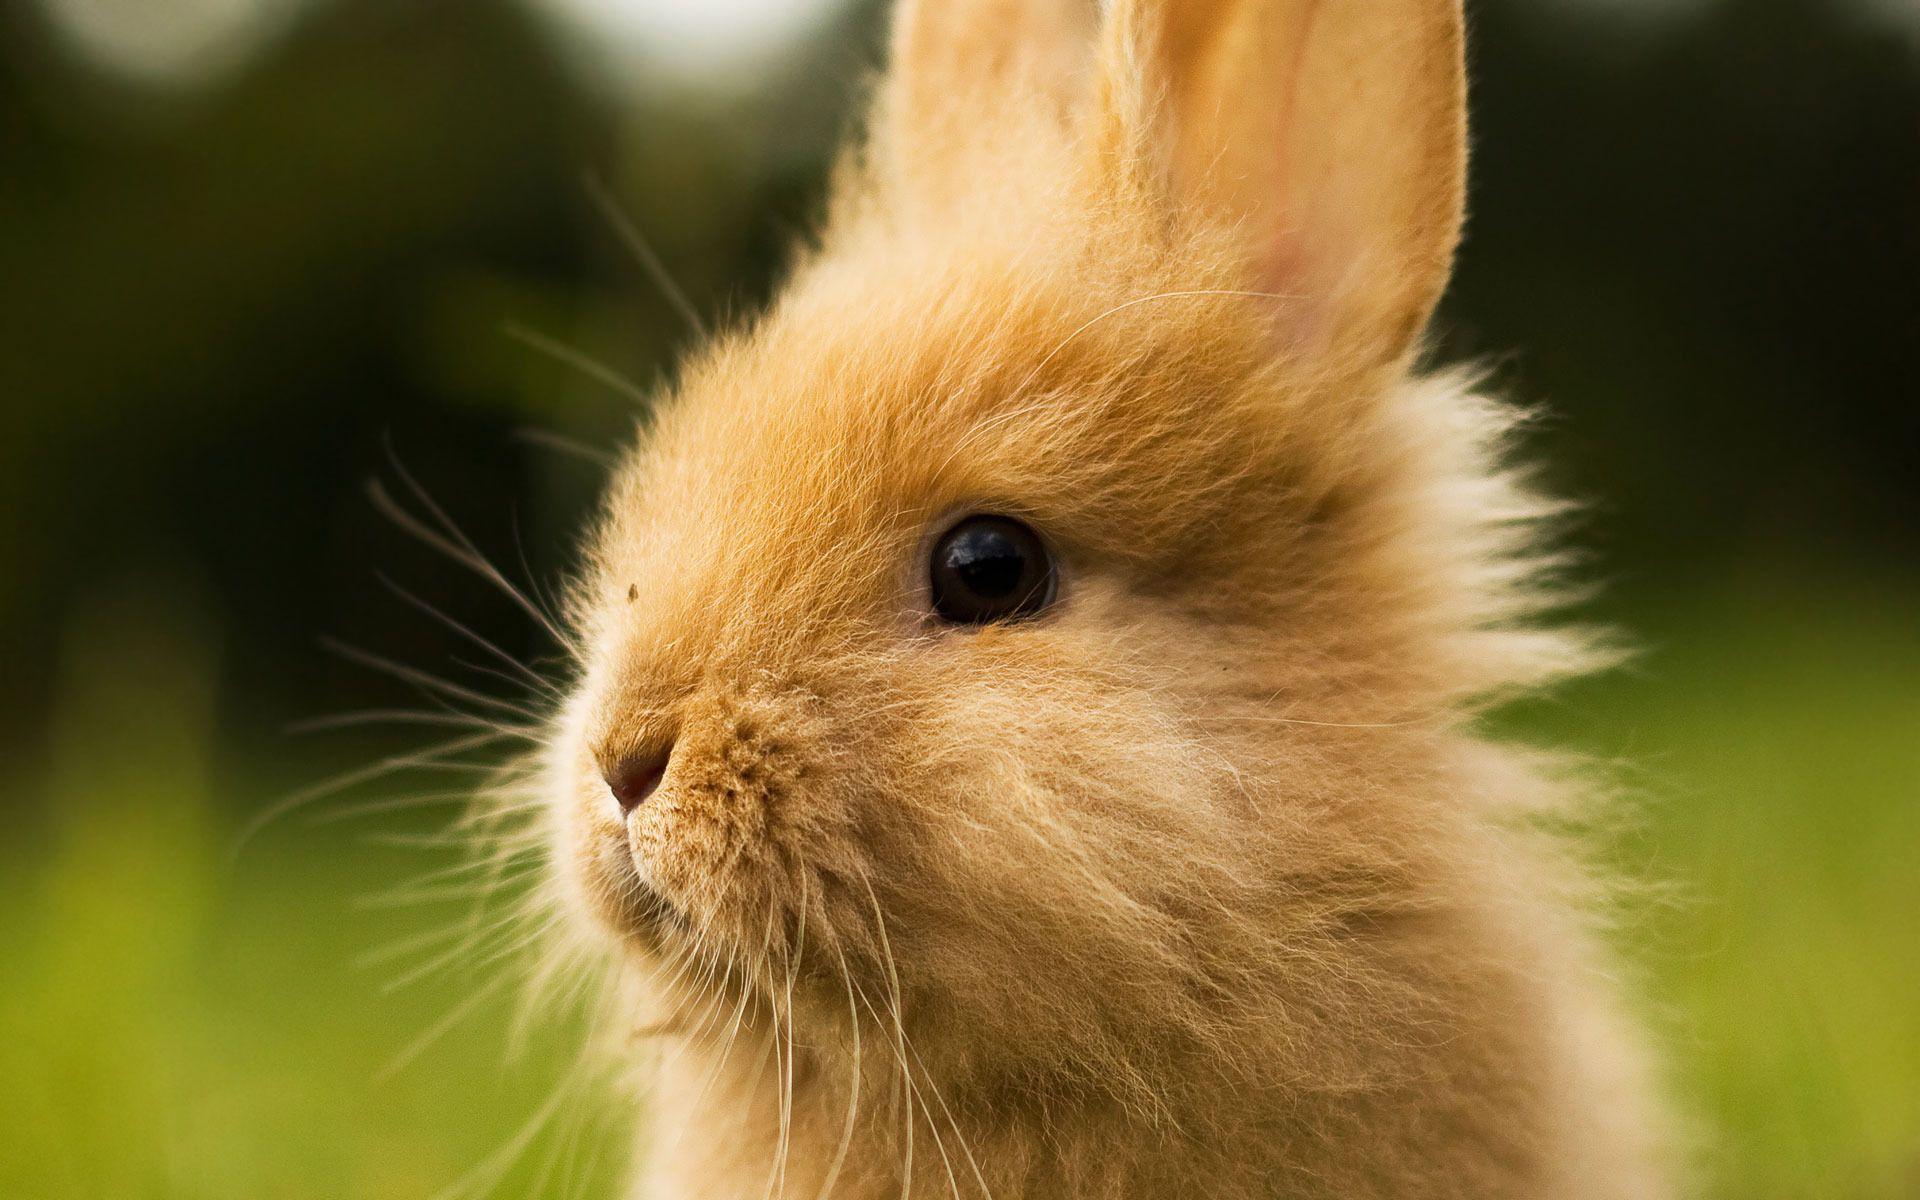 photos of bunny rabbits